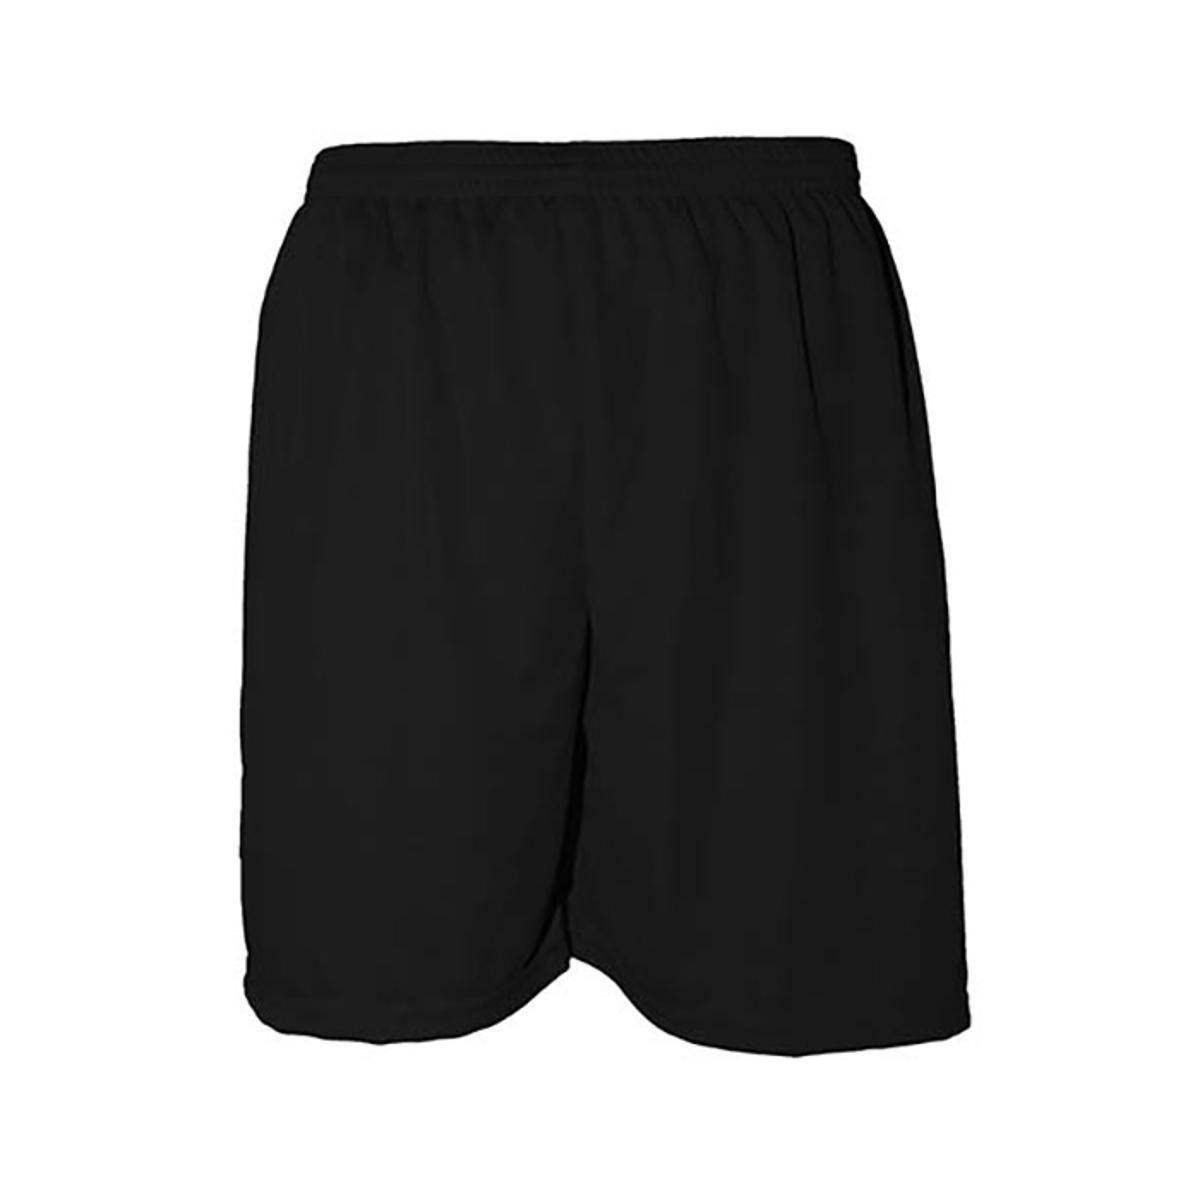 Kit C/6 Calções De Futebol Kanga Sport Liso Adulto